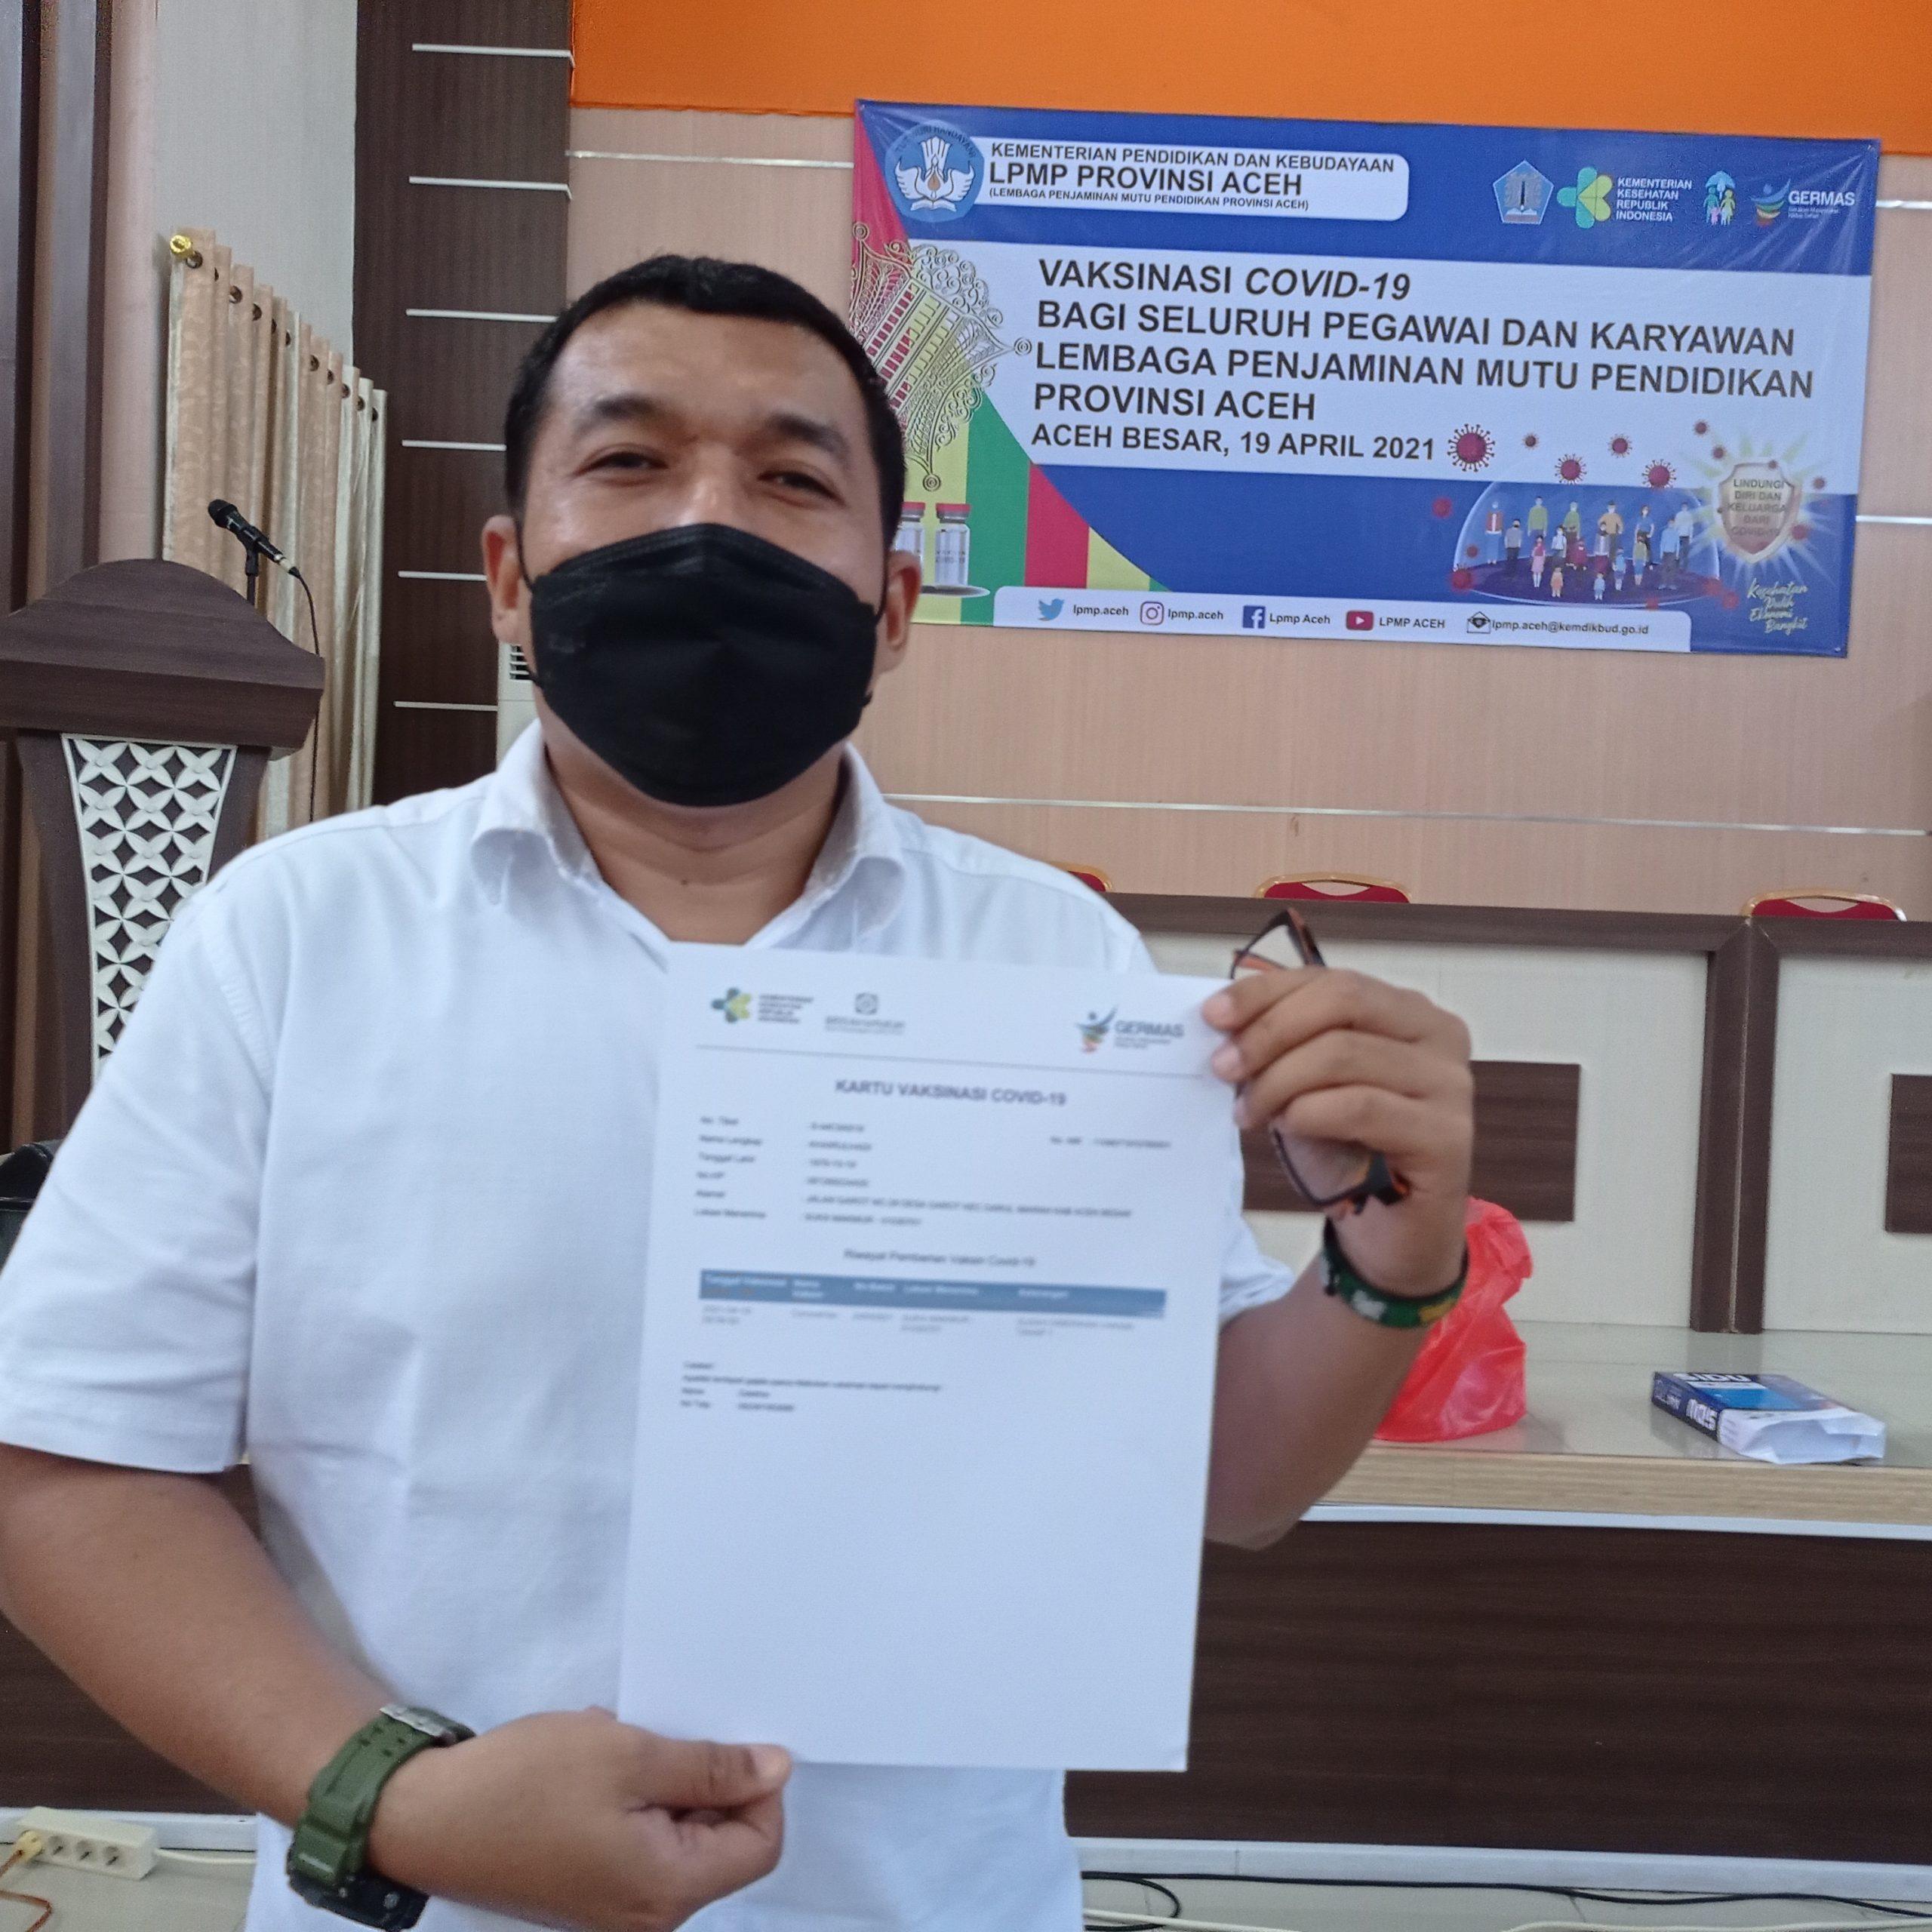 LPMP Provinsi Aceh Selenggarakan Vaksinasi COVID-19 Bagi ...